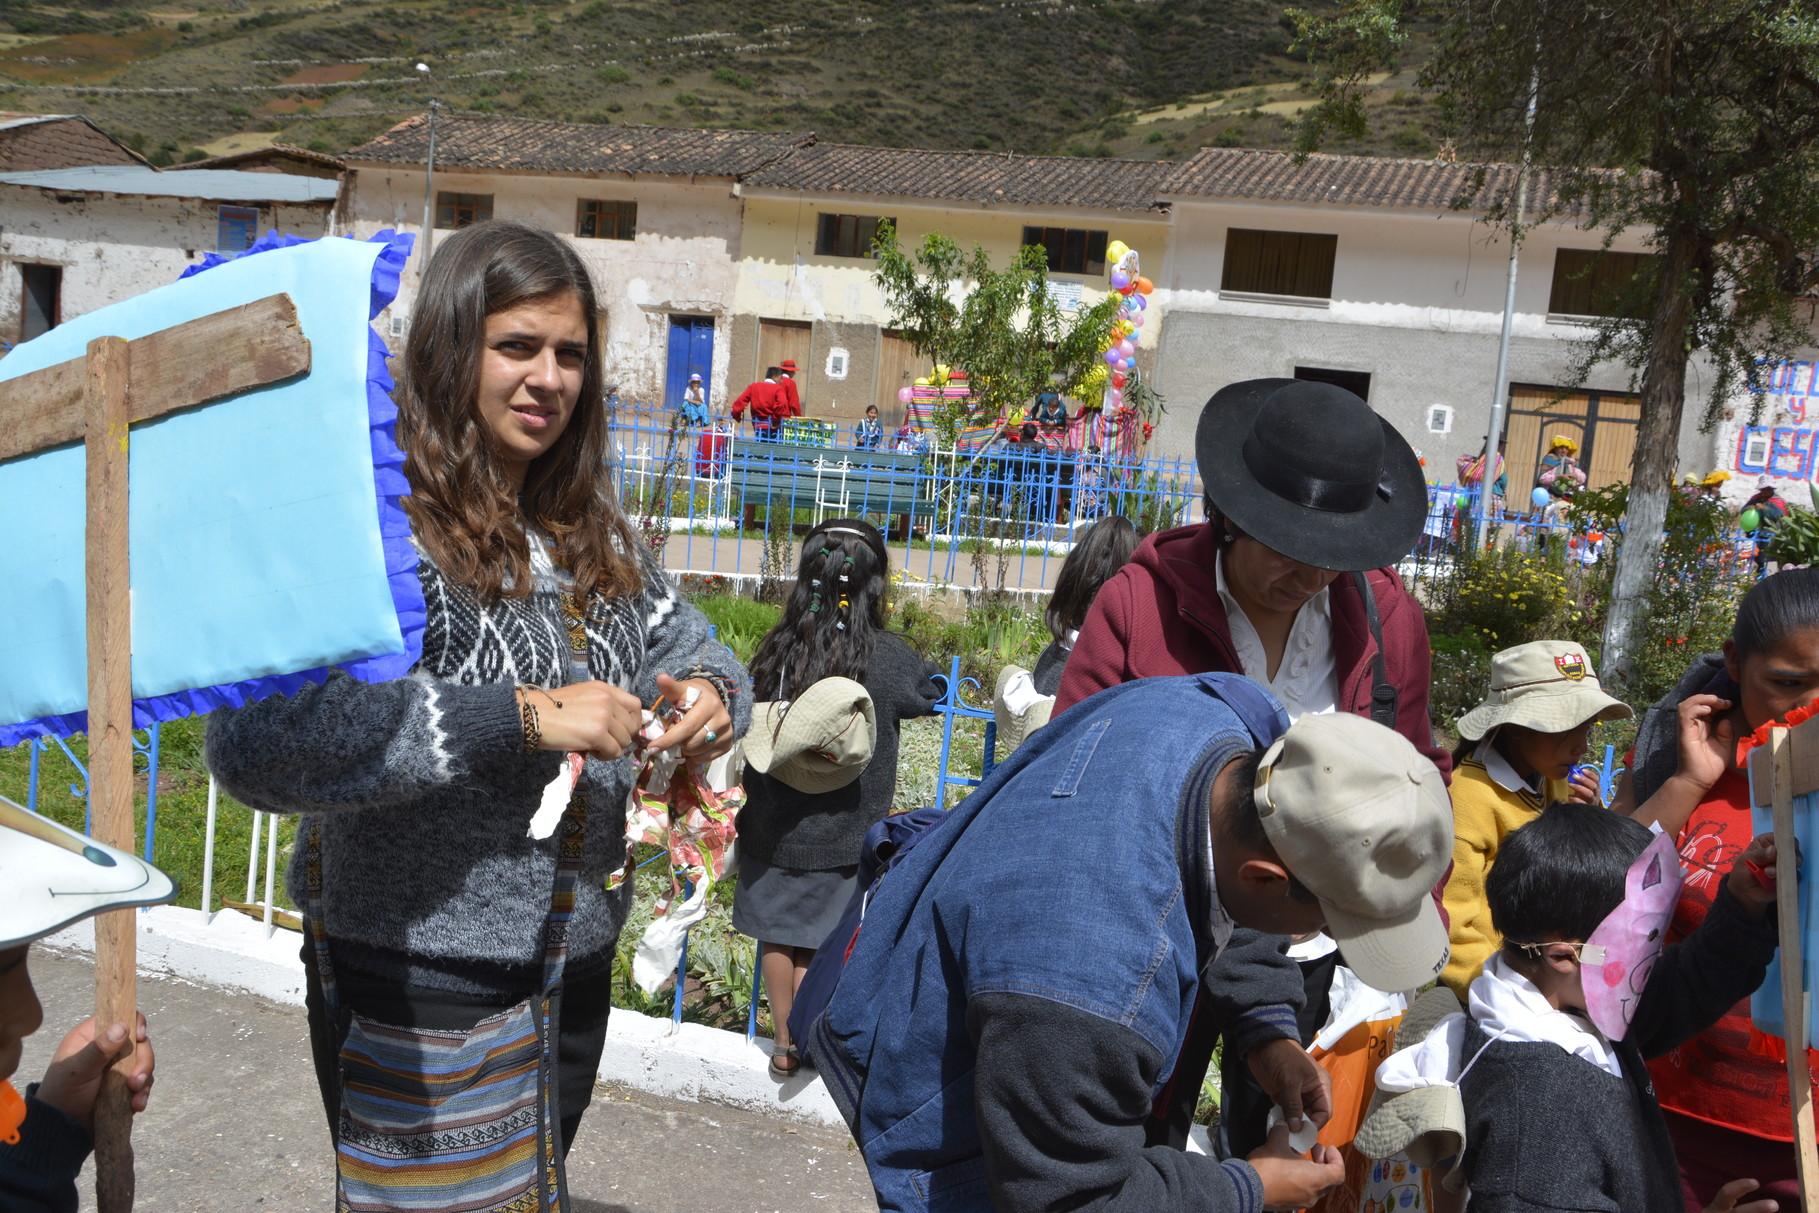 12 Mayo - Departiendo en la Plaza de San Salvador